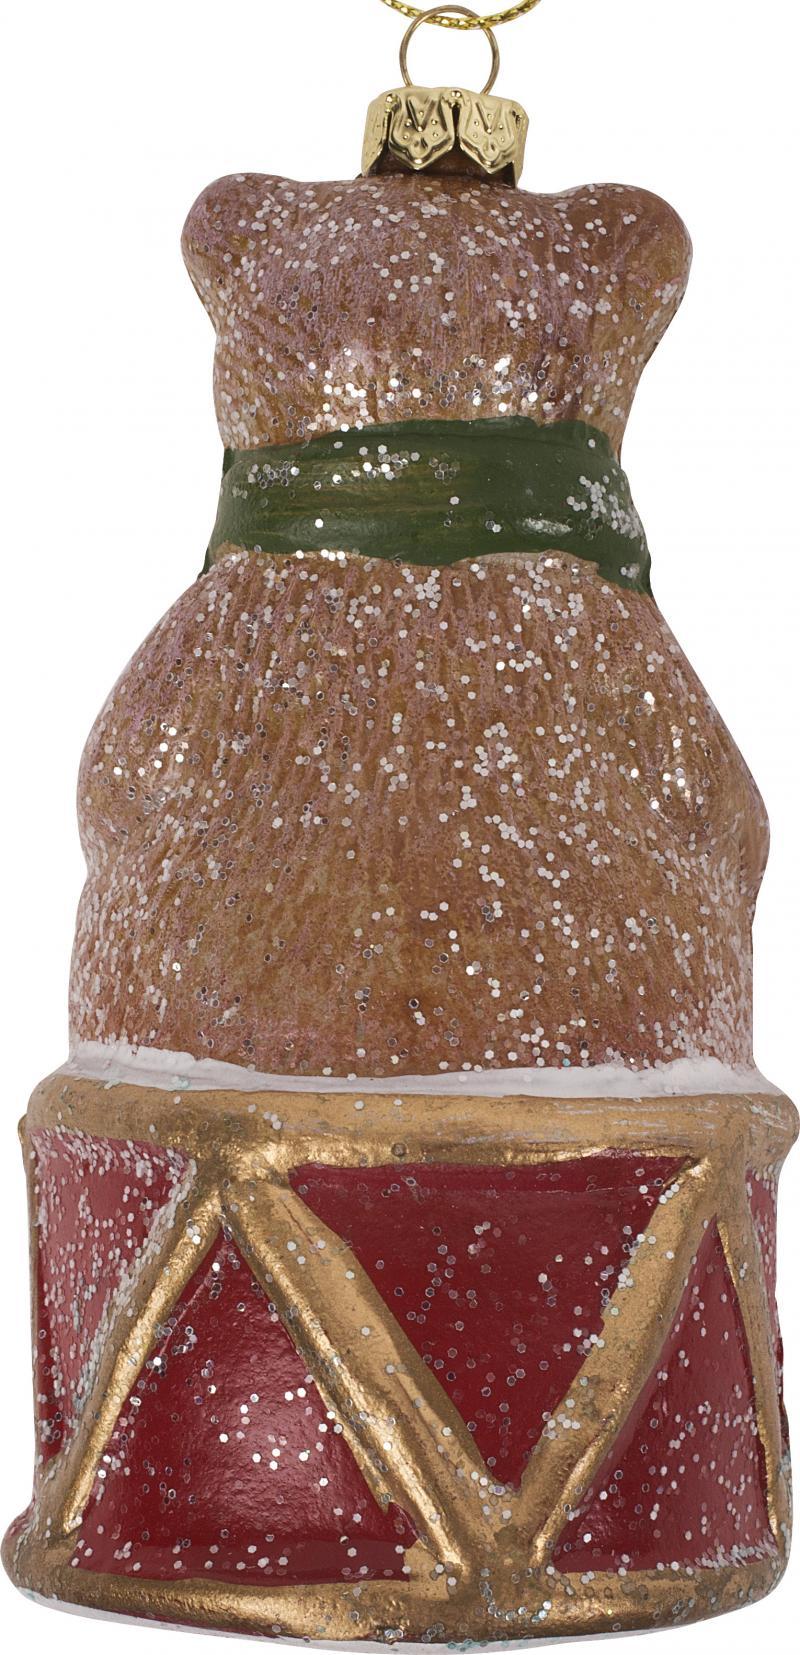 Украшение ёлочное «Мишка на барабане», 11.5 см